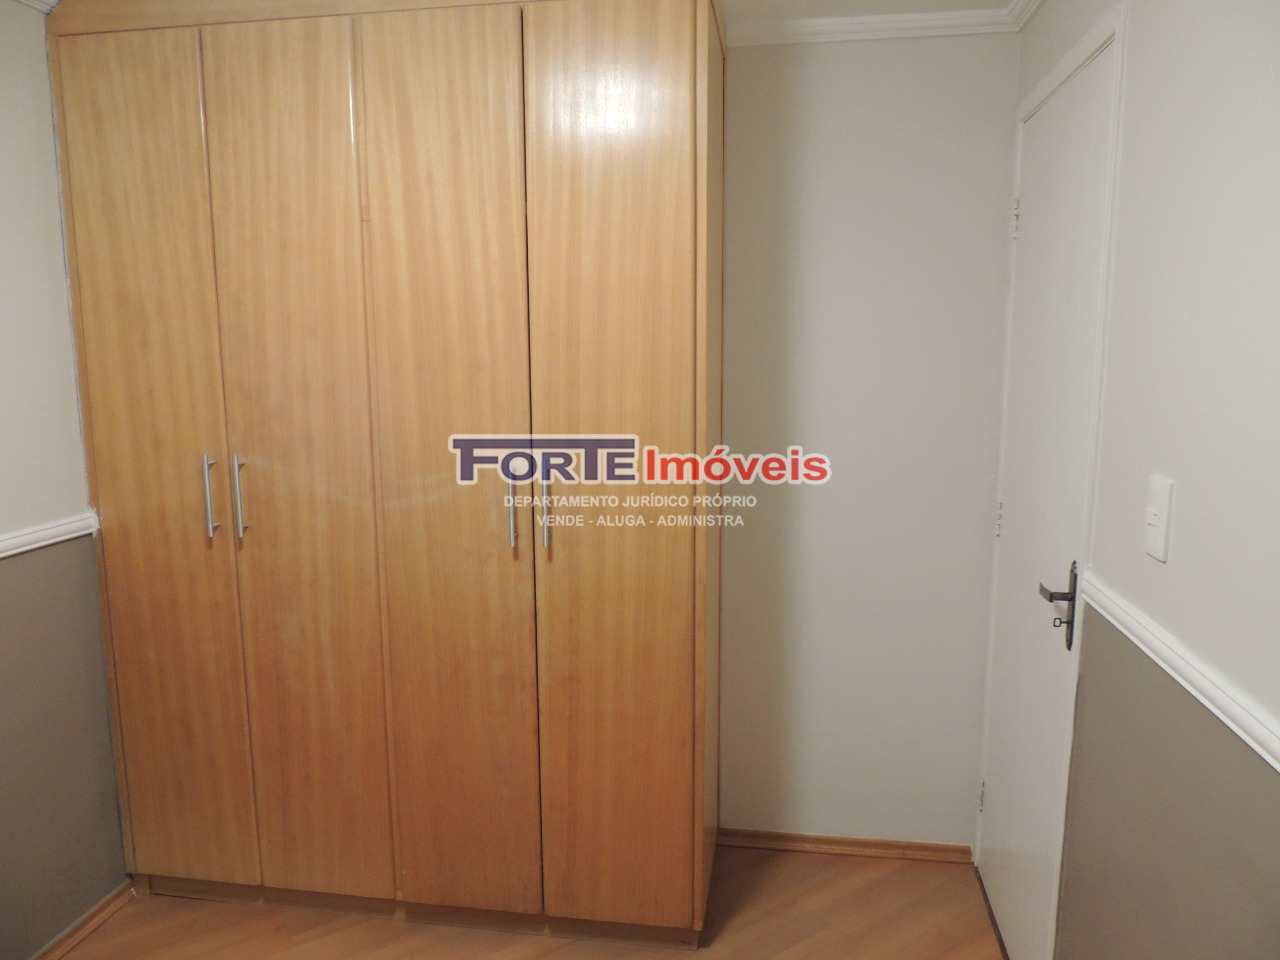 Apartamento com 2 dorms, Vila Irmãos Arnoni, São Paulo - R$ 300 mil, Cod: 42903708